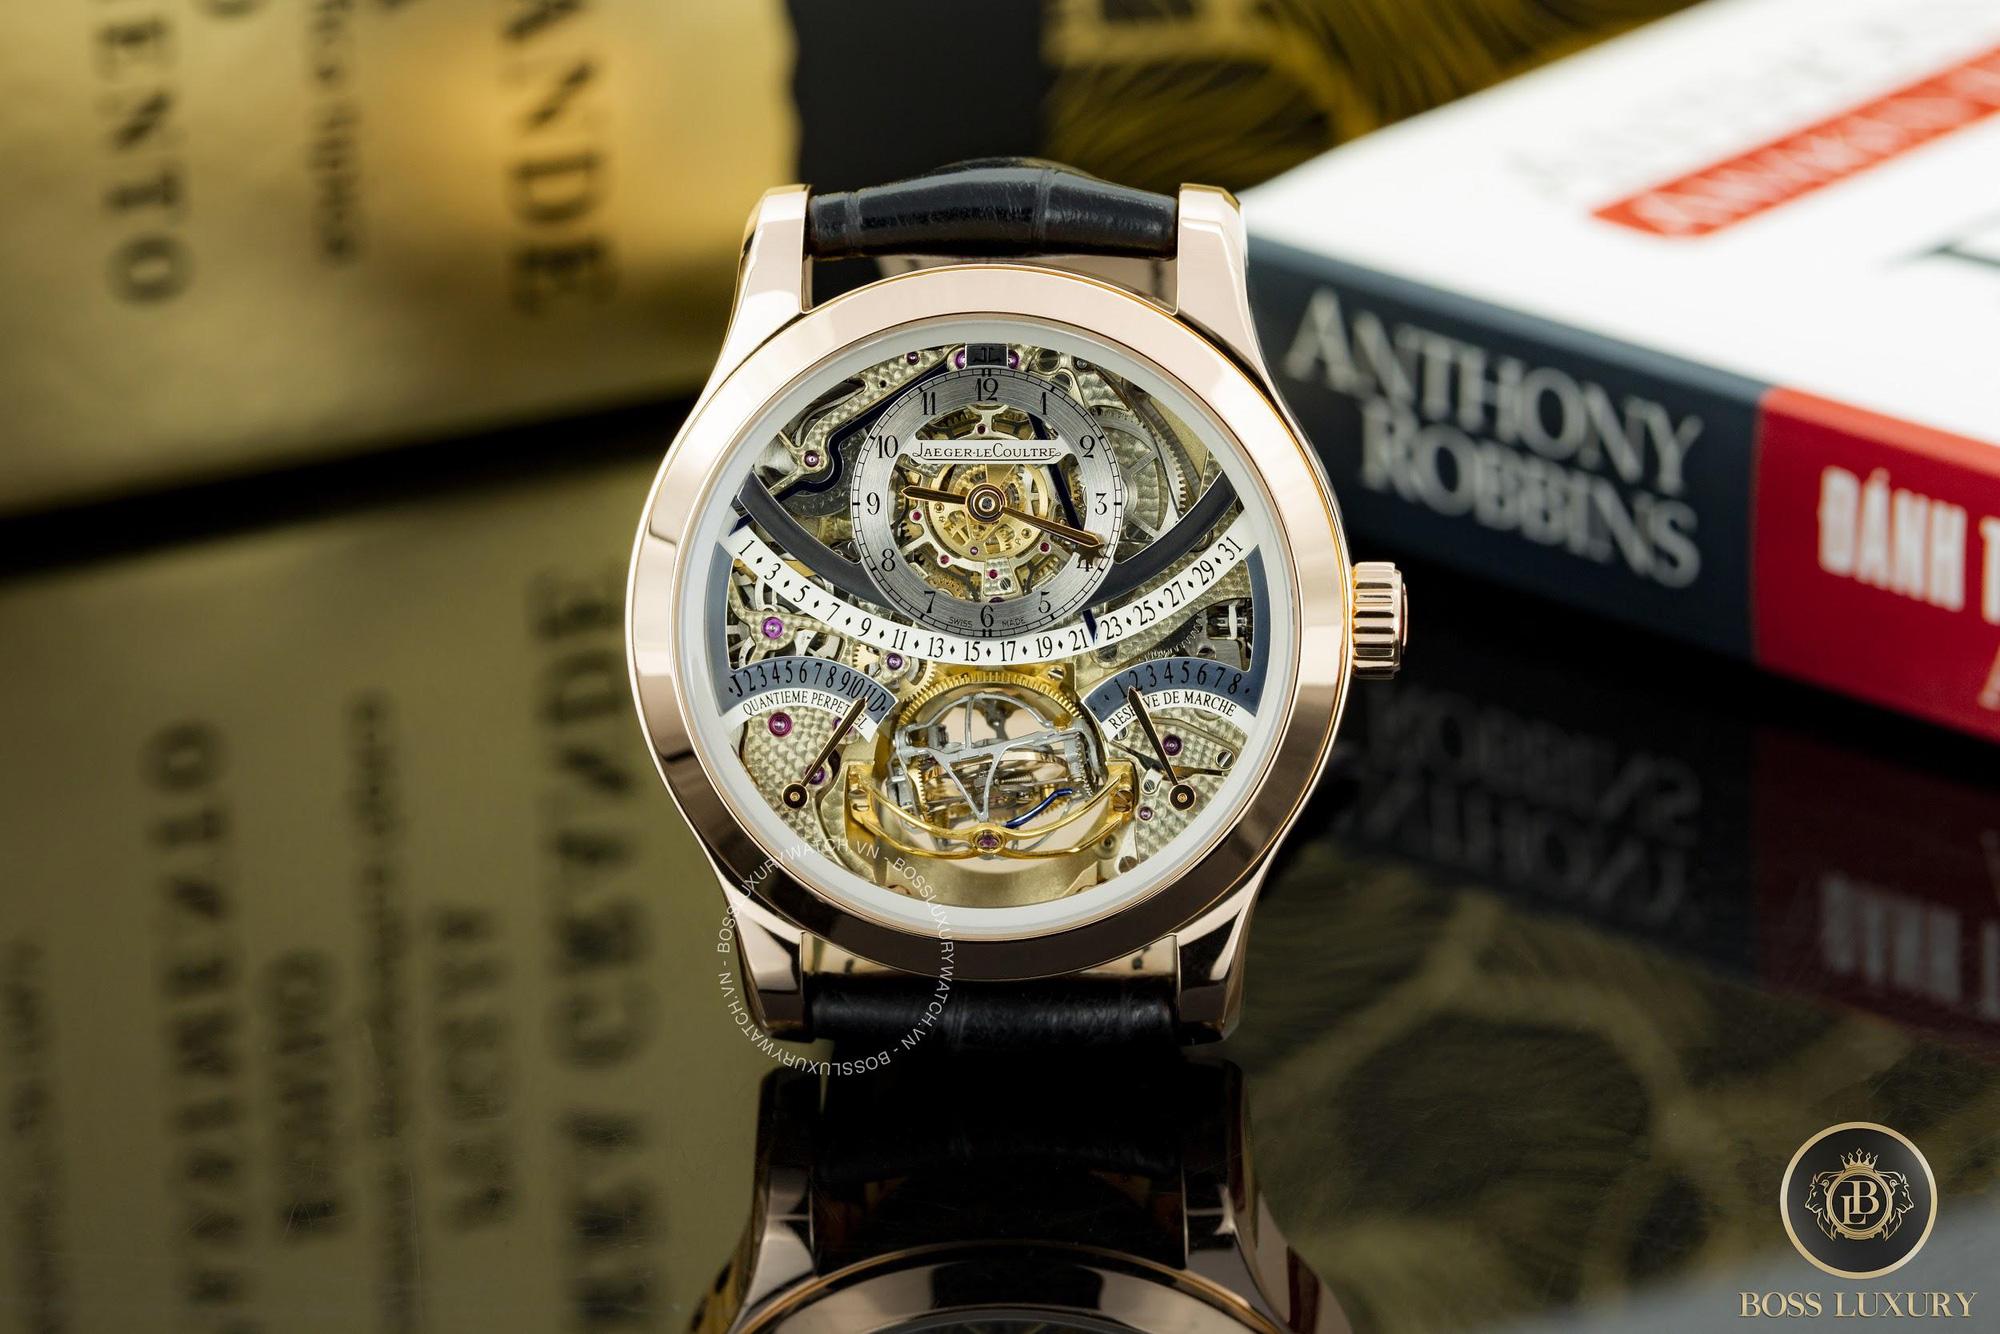 Boss Luxury gợi ý những mẫu đồng hồ đồng hành cùng quý ông chào mừng năm Tân Sửu 2021 - Ảnh 4.